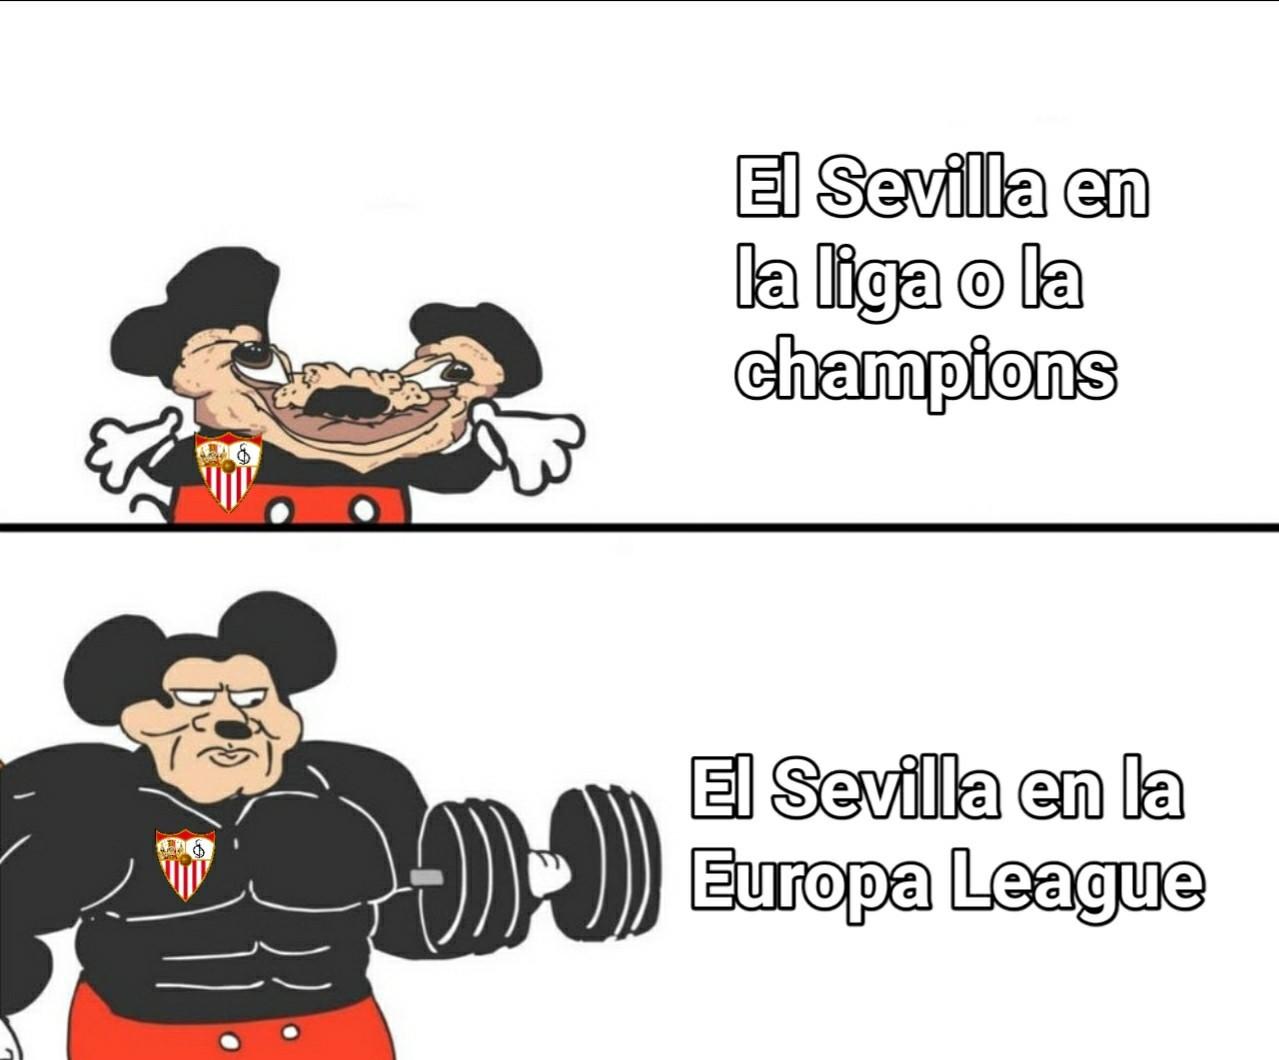 Por más que hayan ganado esta Europa League lo más probable es que pierdan fácilmente en la champions - meme